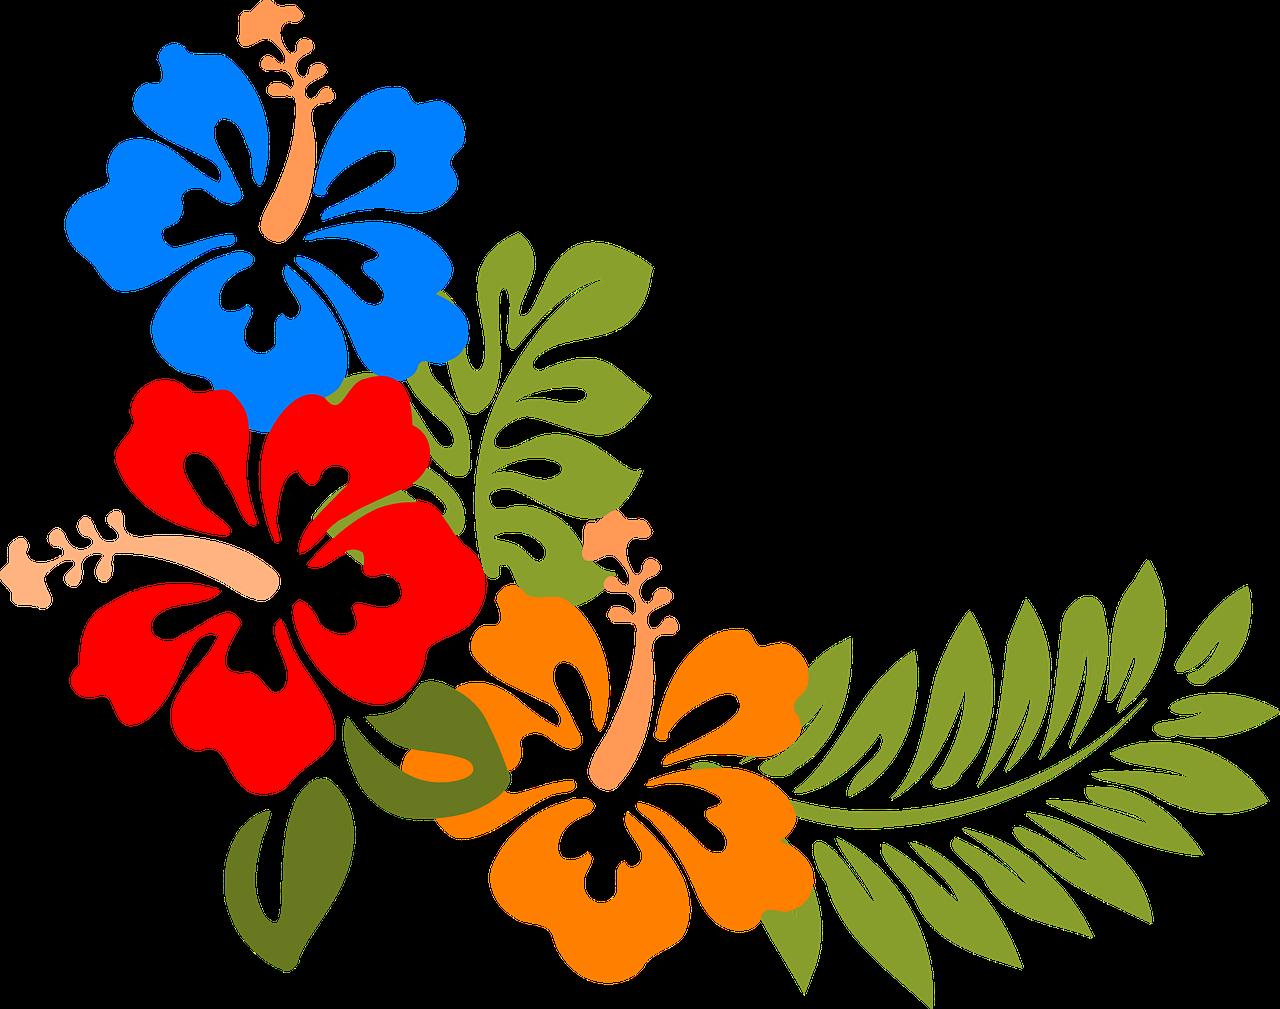 hibiscus-303191_1280